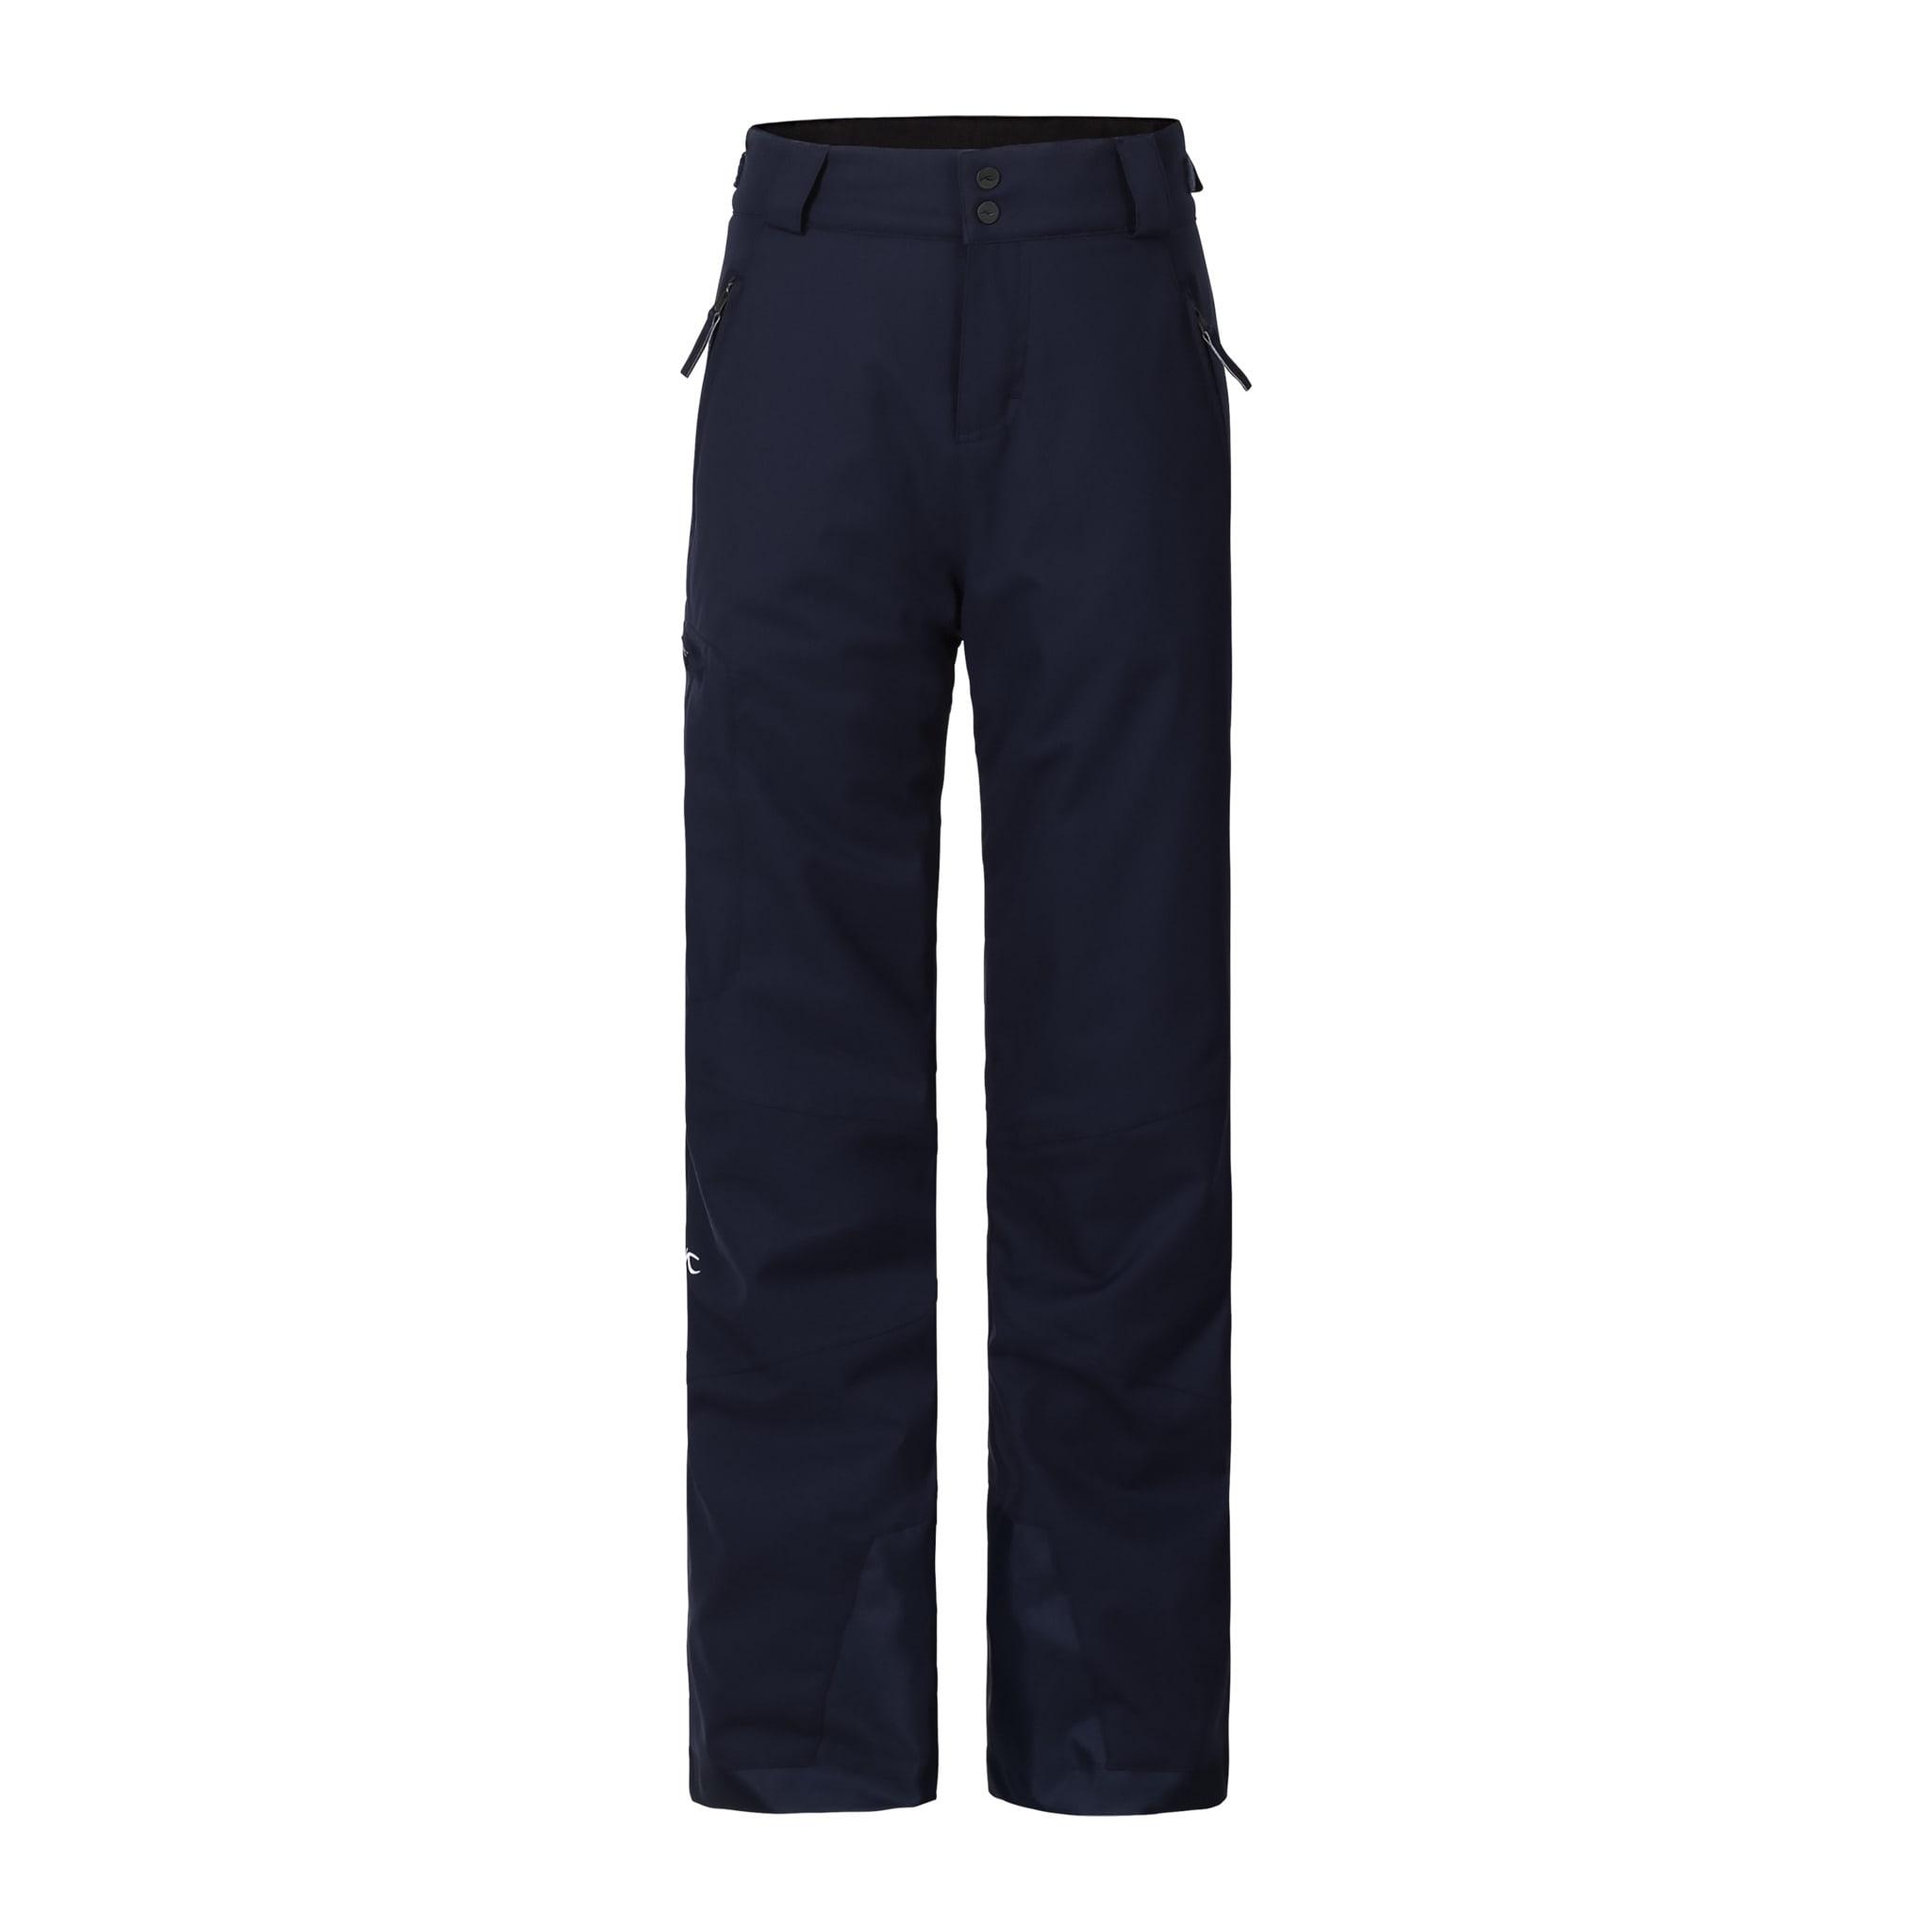 FRX Pants Boys